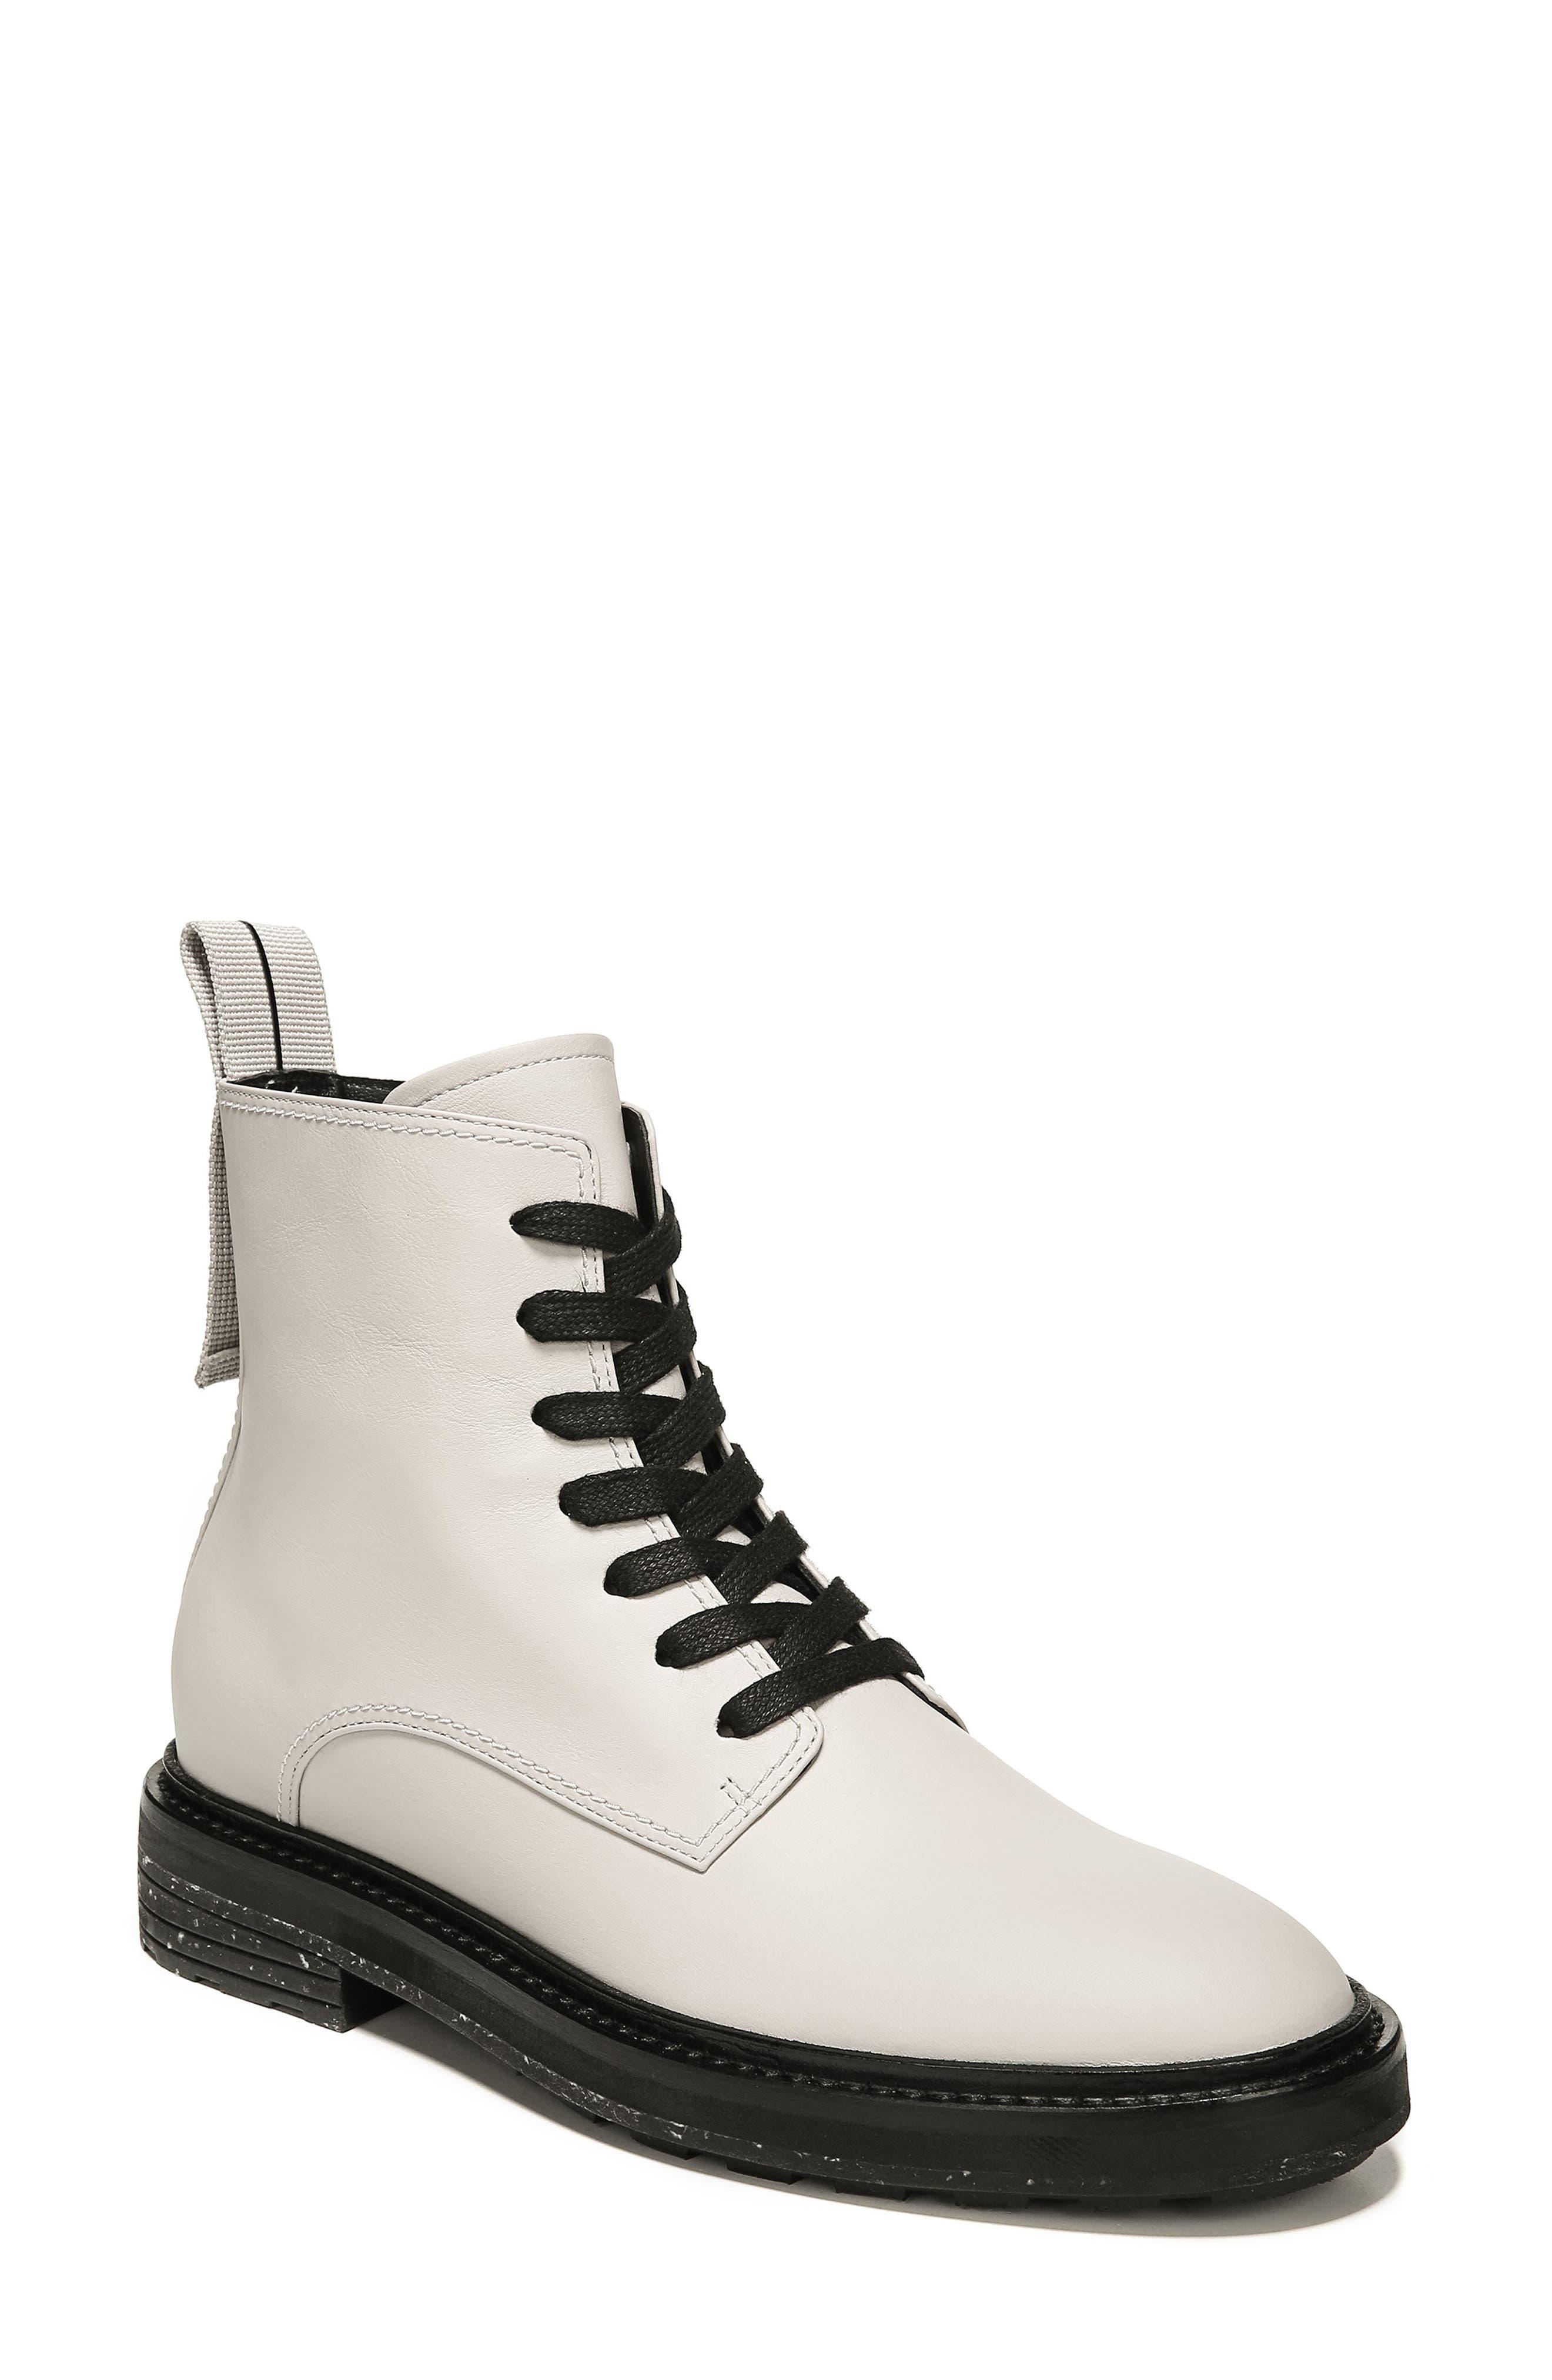 VIA SPIGA Women'S Kinley Weather-Resistant Leather Combat Boots in Bone